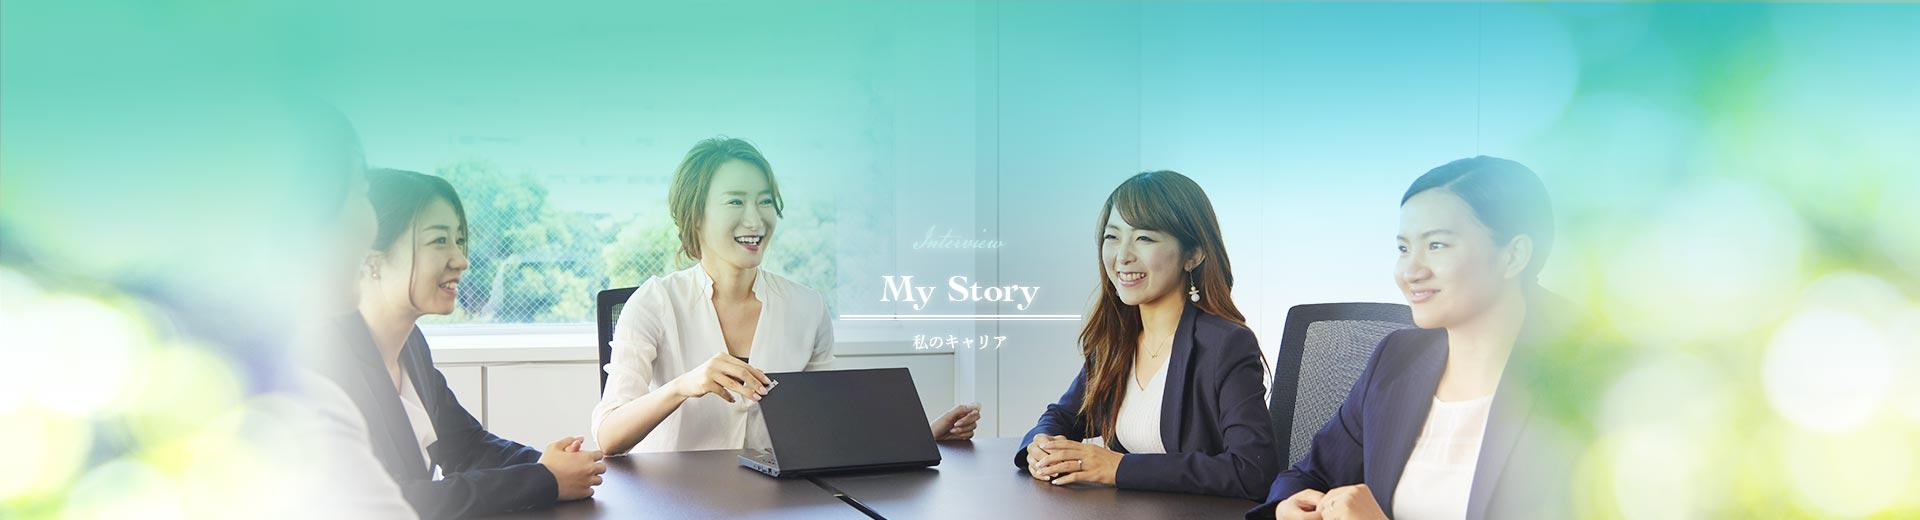 女性MRコンサルのフラームジャパンをご利用された方のマイストーリー